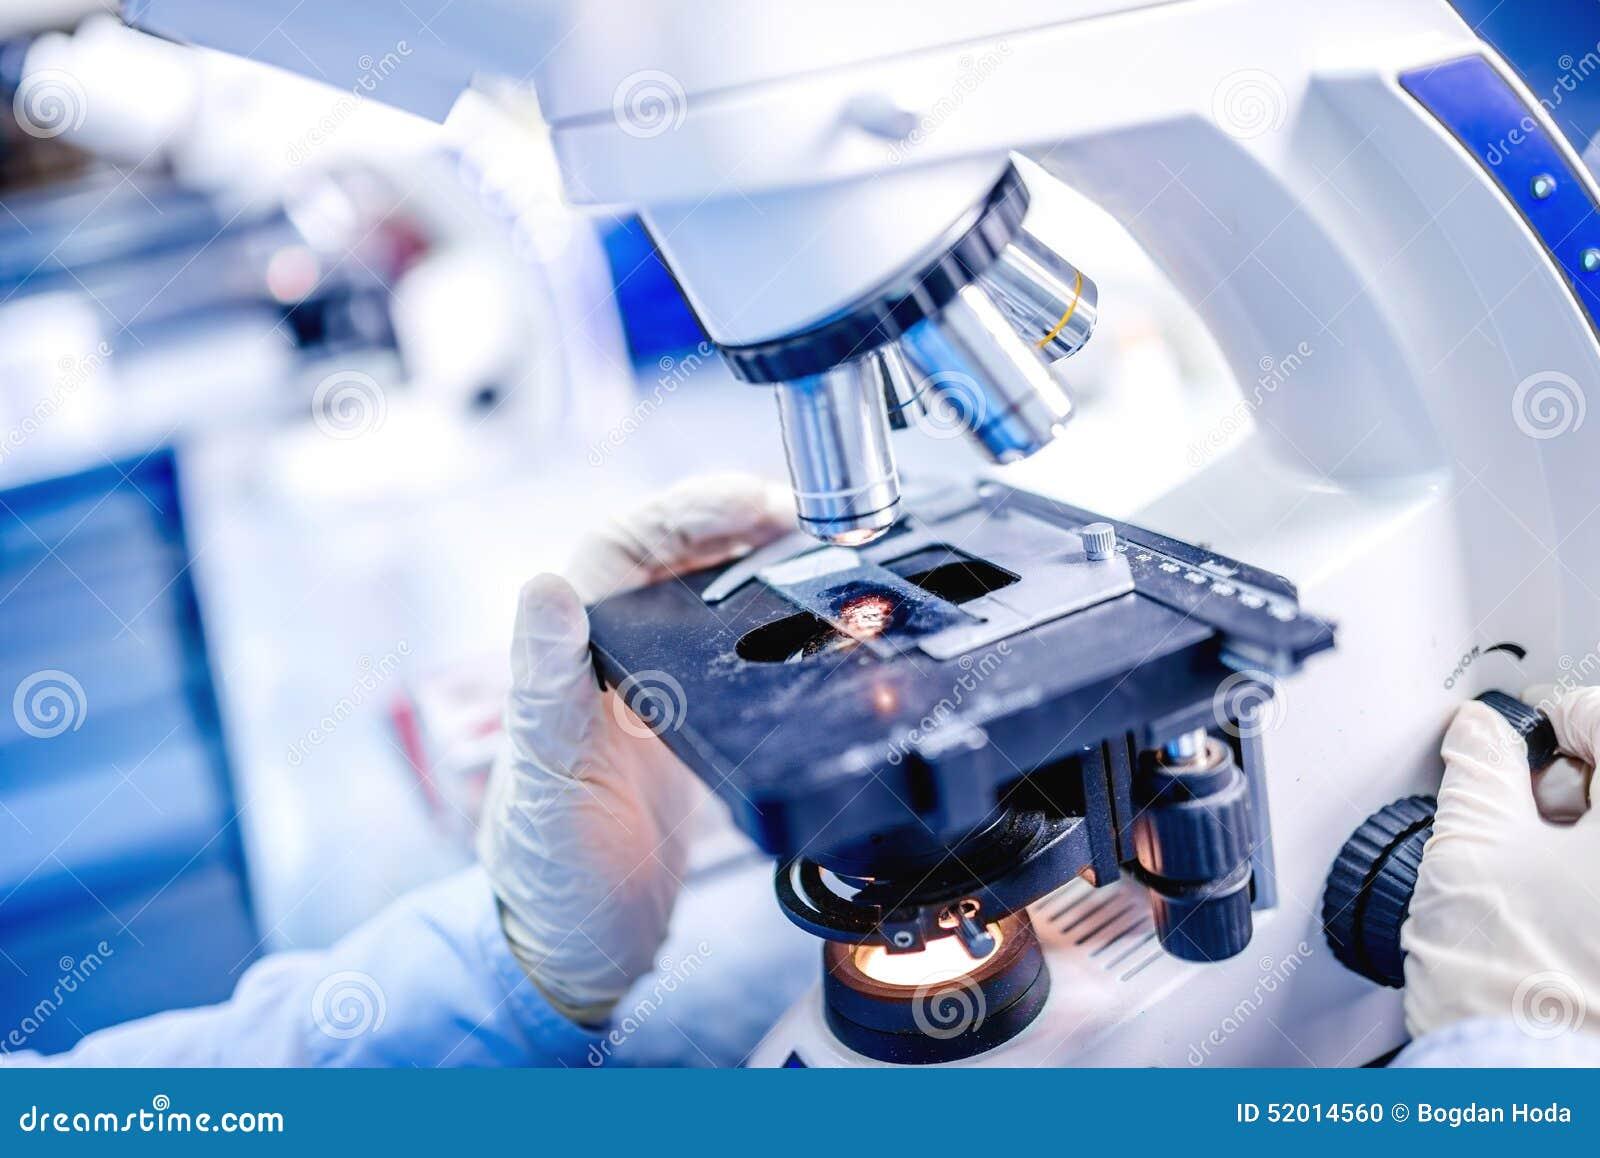 Details des medizinischen Labors, Wissenschaftlerhände unter Verwendung des Mikroskops für Chemieprüflinge